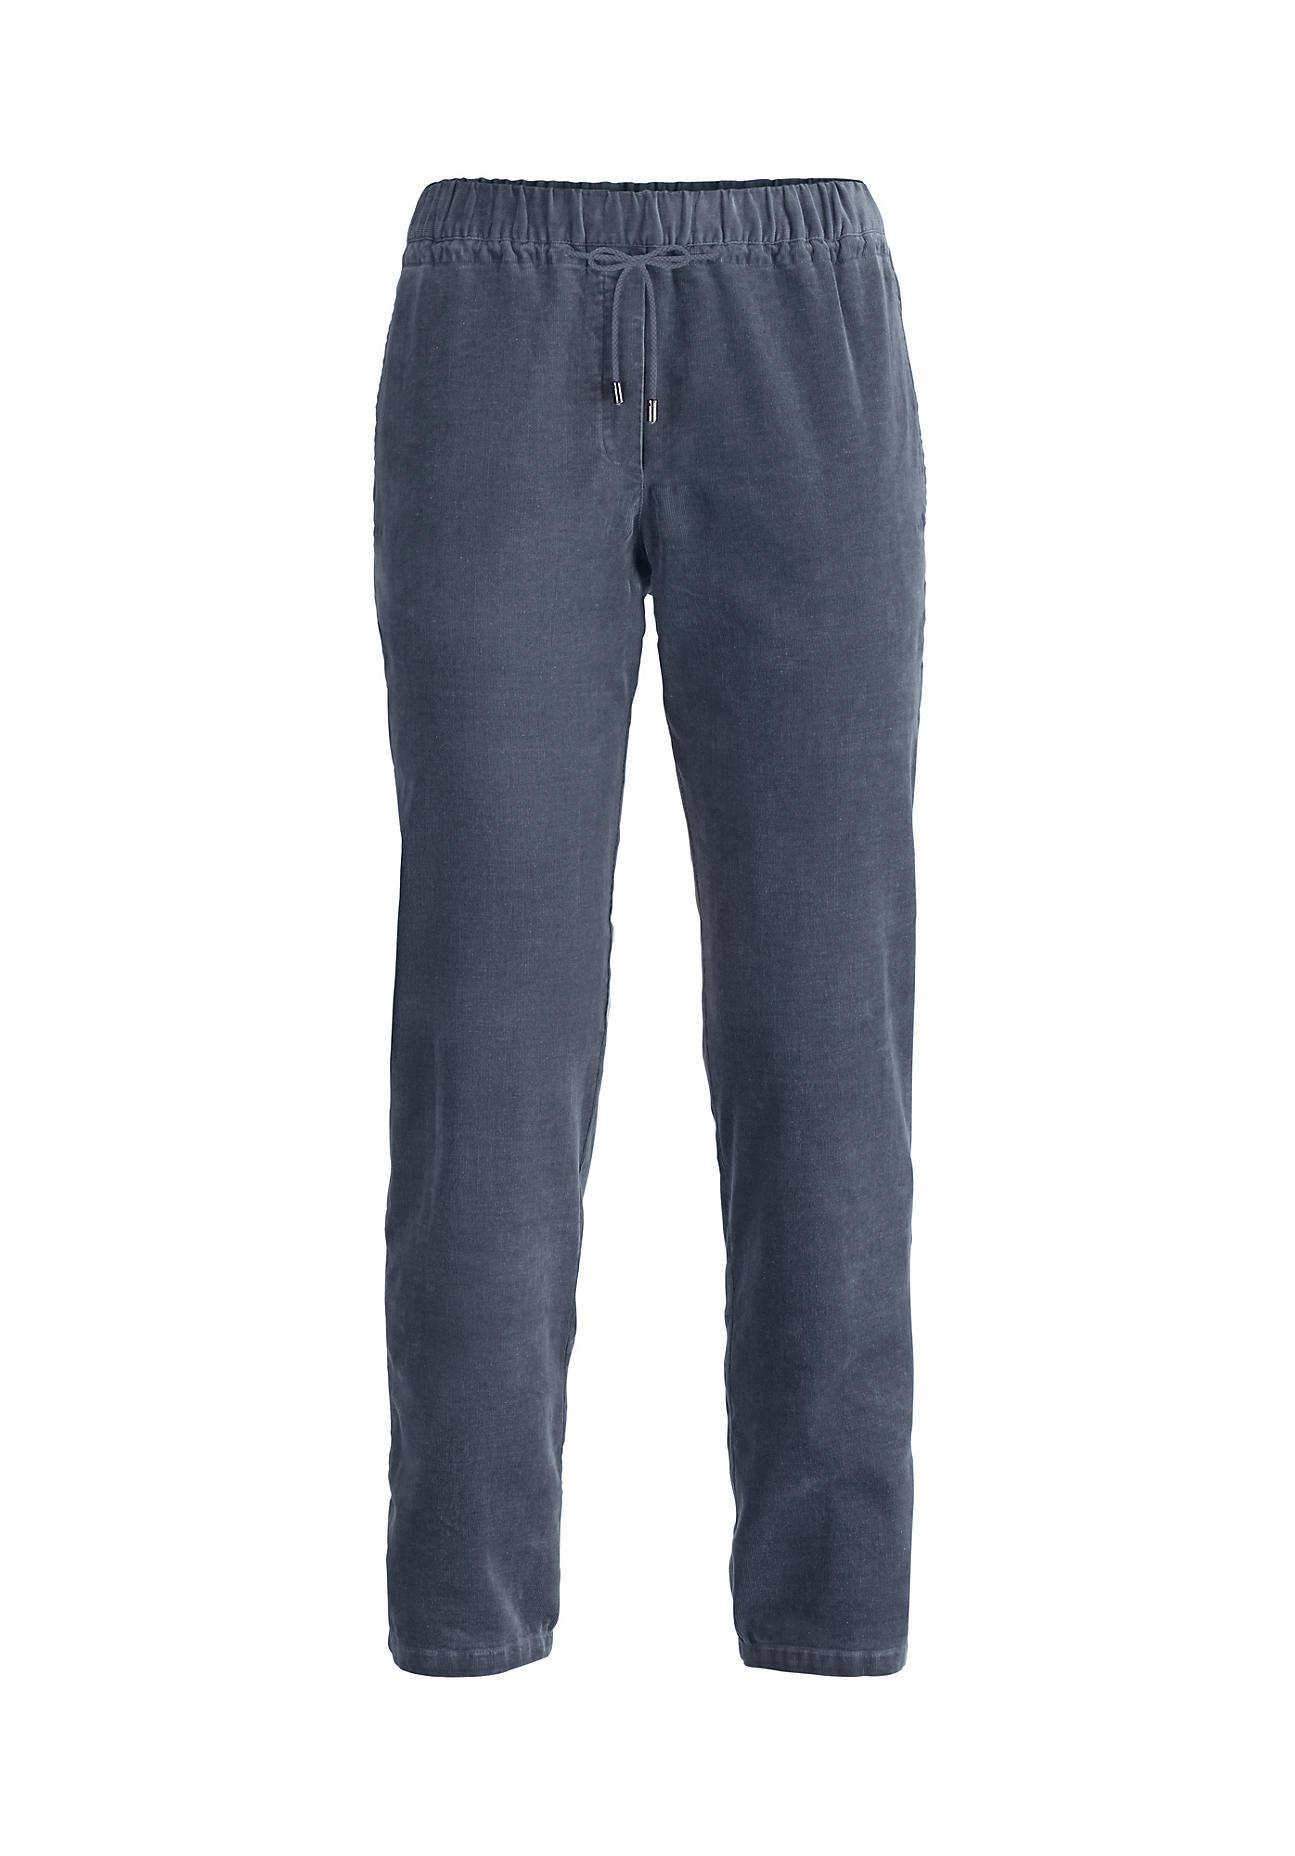 Hosen für Frauen - hessnatur Damen Cord Hose aus Bio Baumwolle mit Hanf – lila –  - Onlineshop Hessnatur